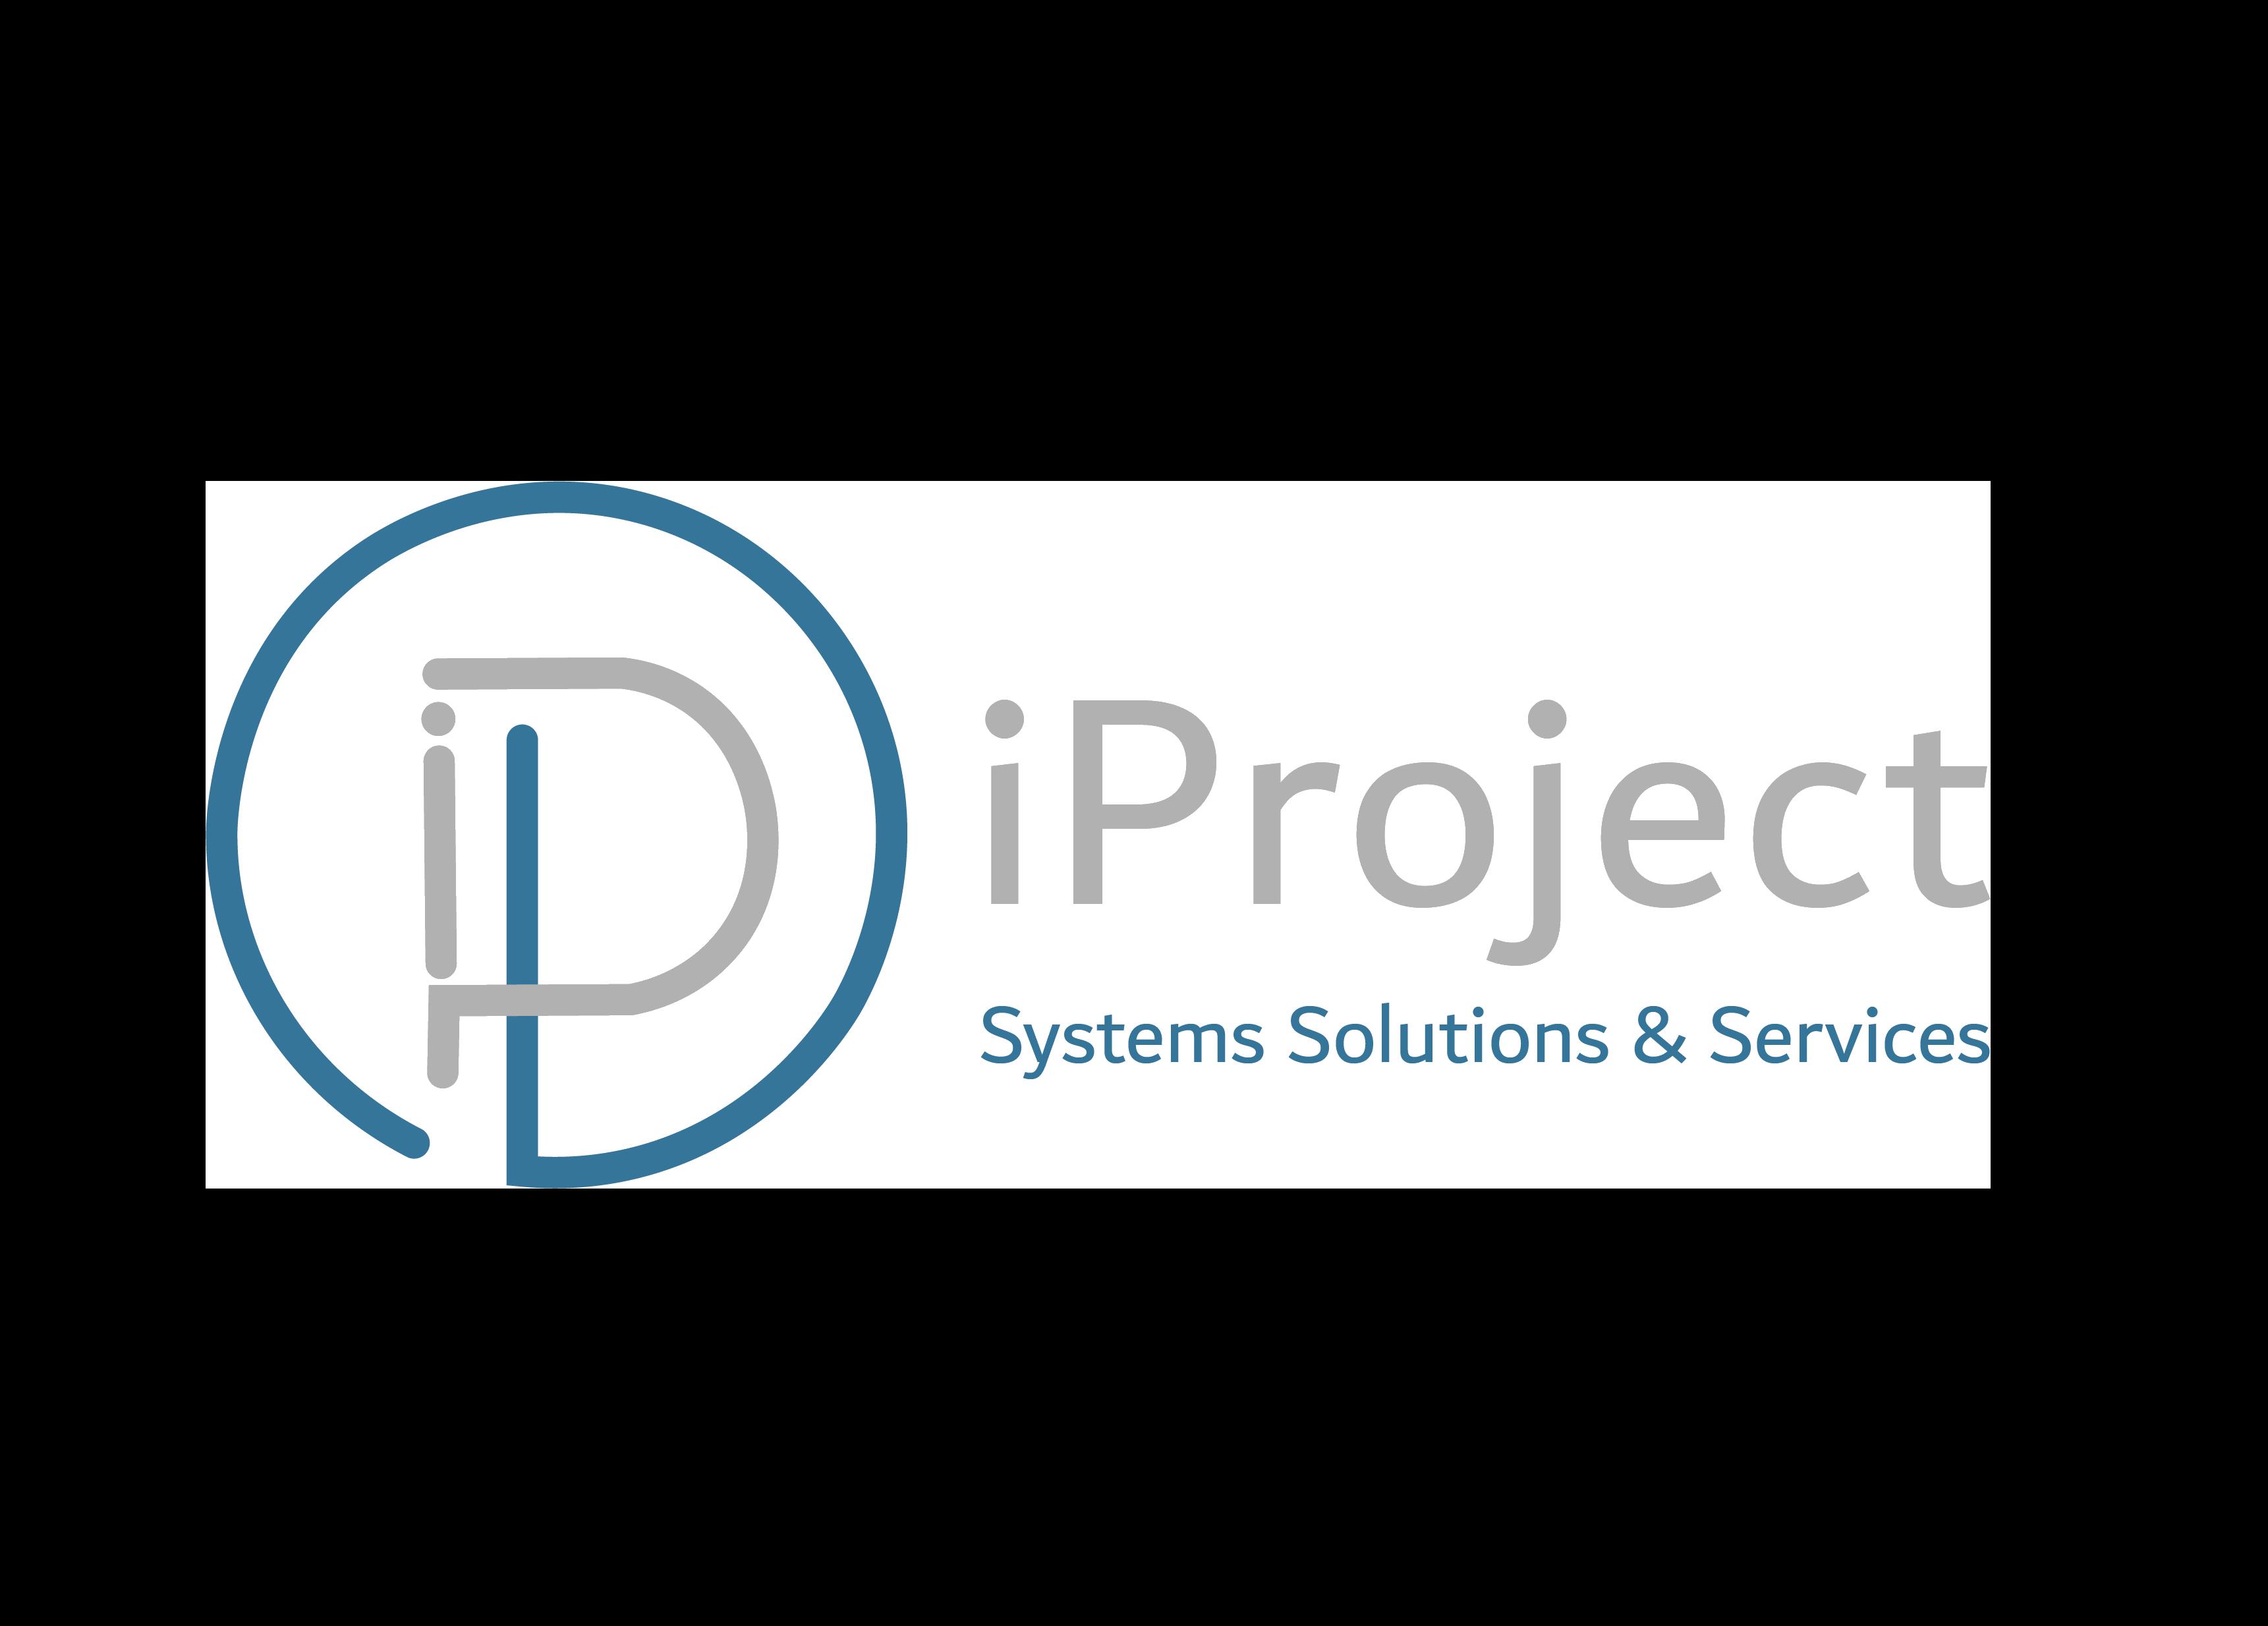 Iproject Website - Website Creation